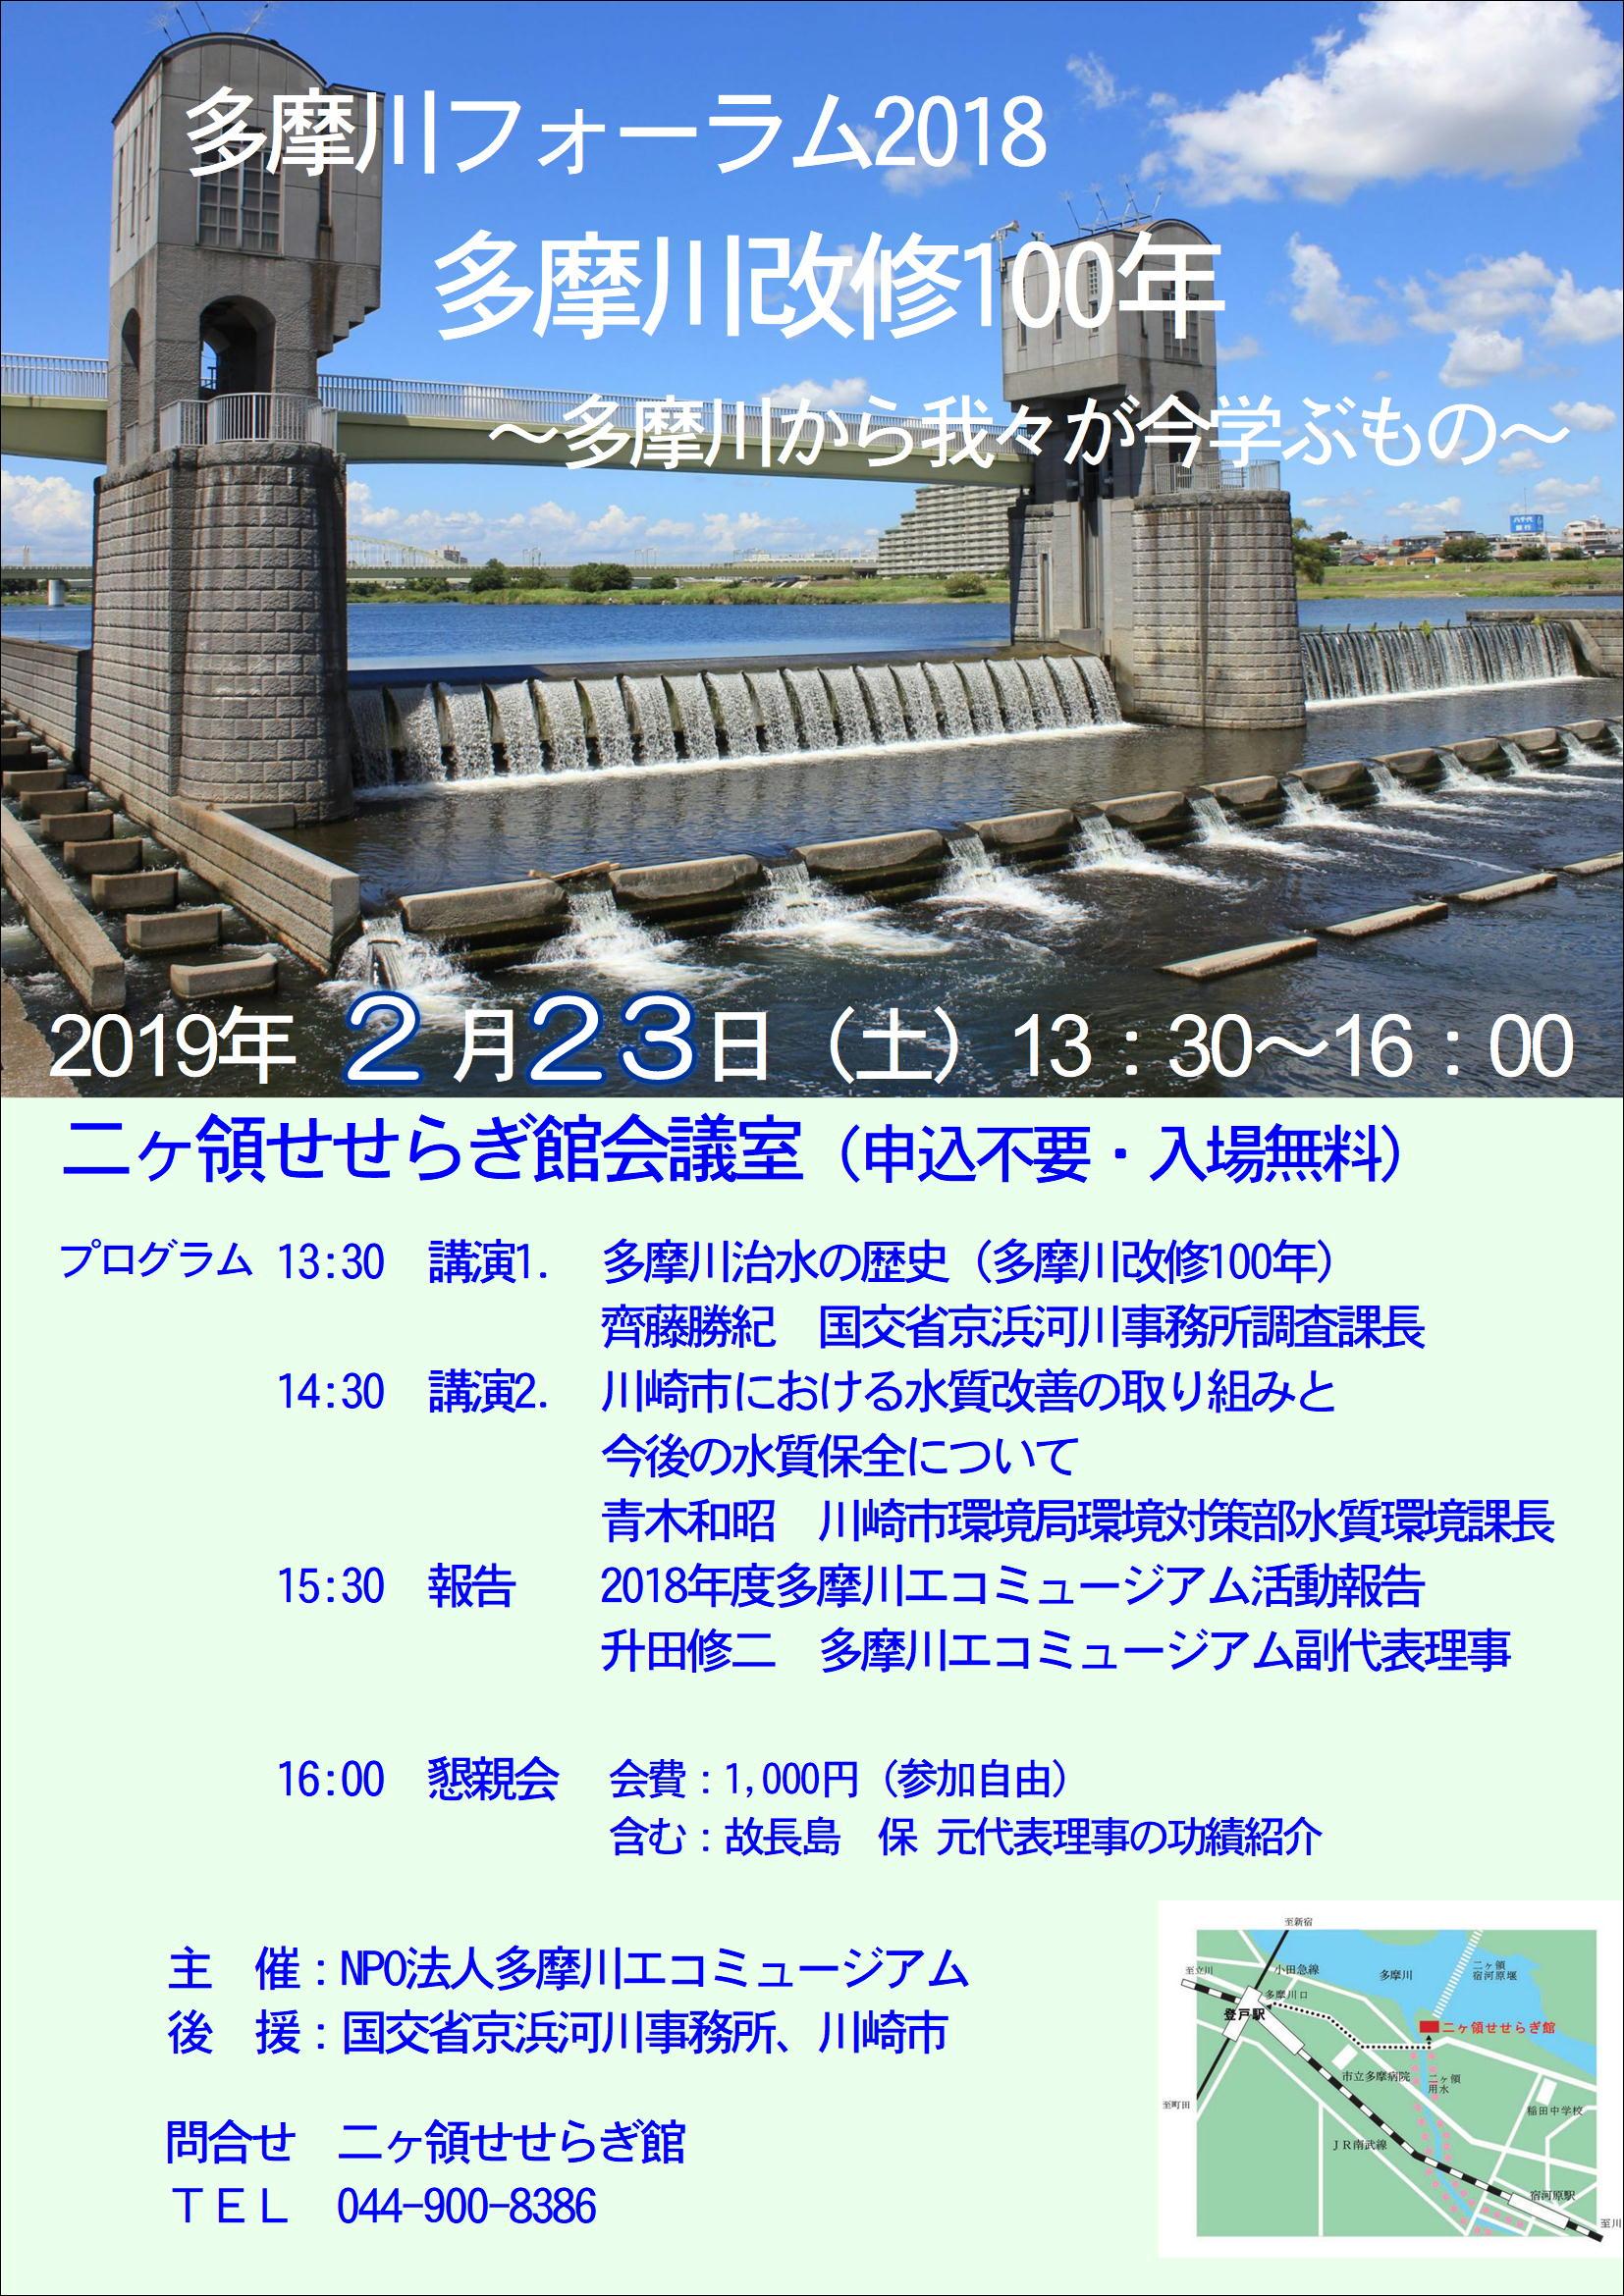 多摩川フォーラム2018